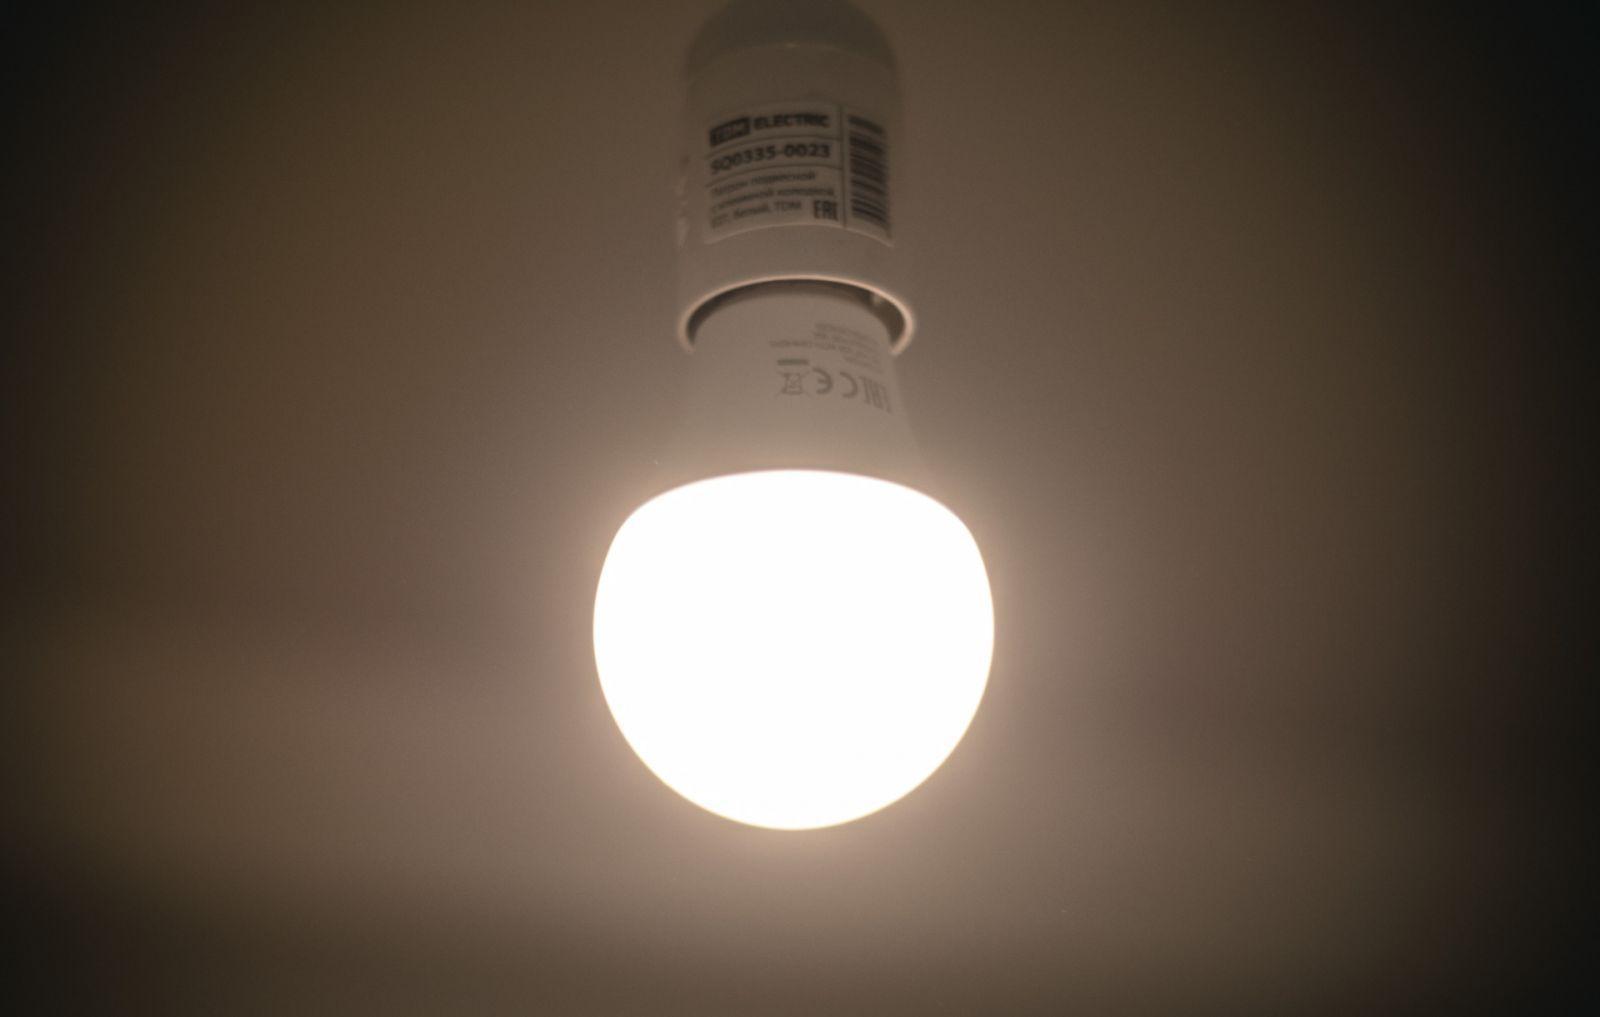 Умный свет. Обзор лампочек ELARI (dsc 8539)